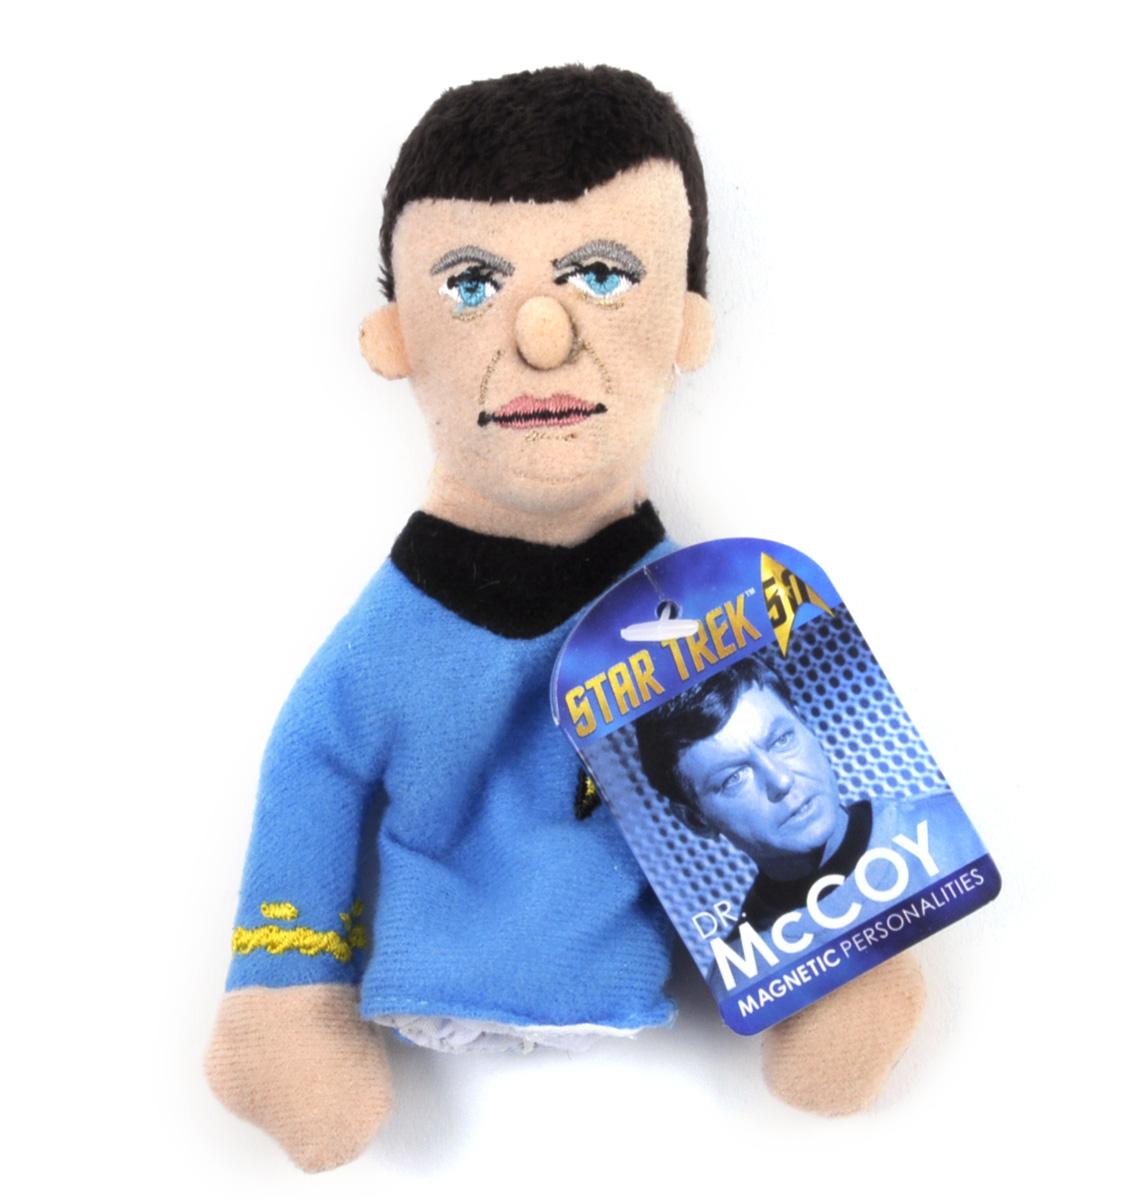 Dr Star Trek Finger Puppet /& Fridge Magnet McCoy